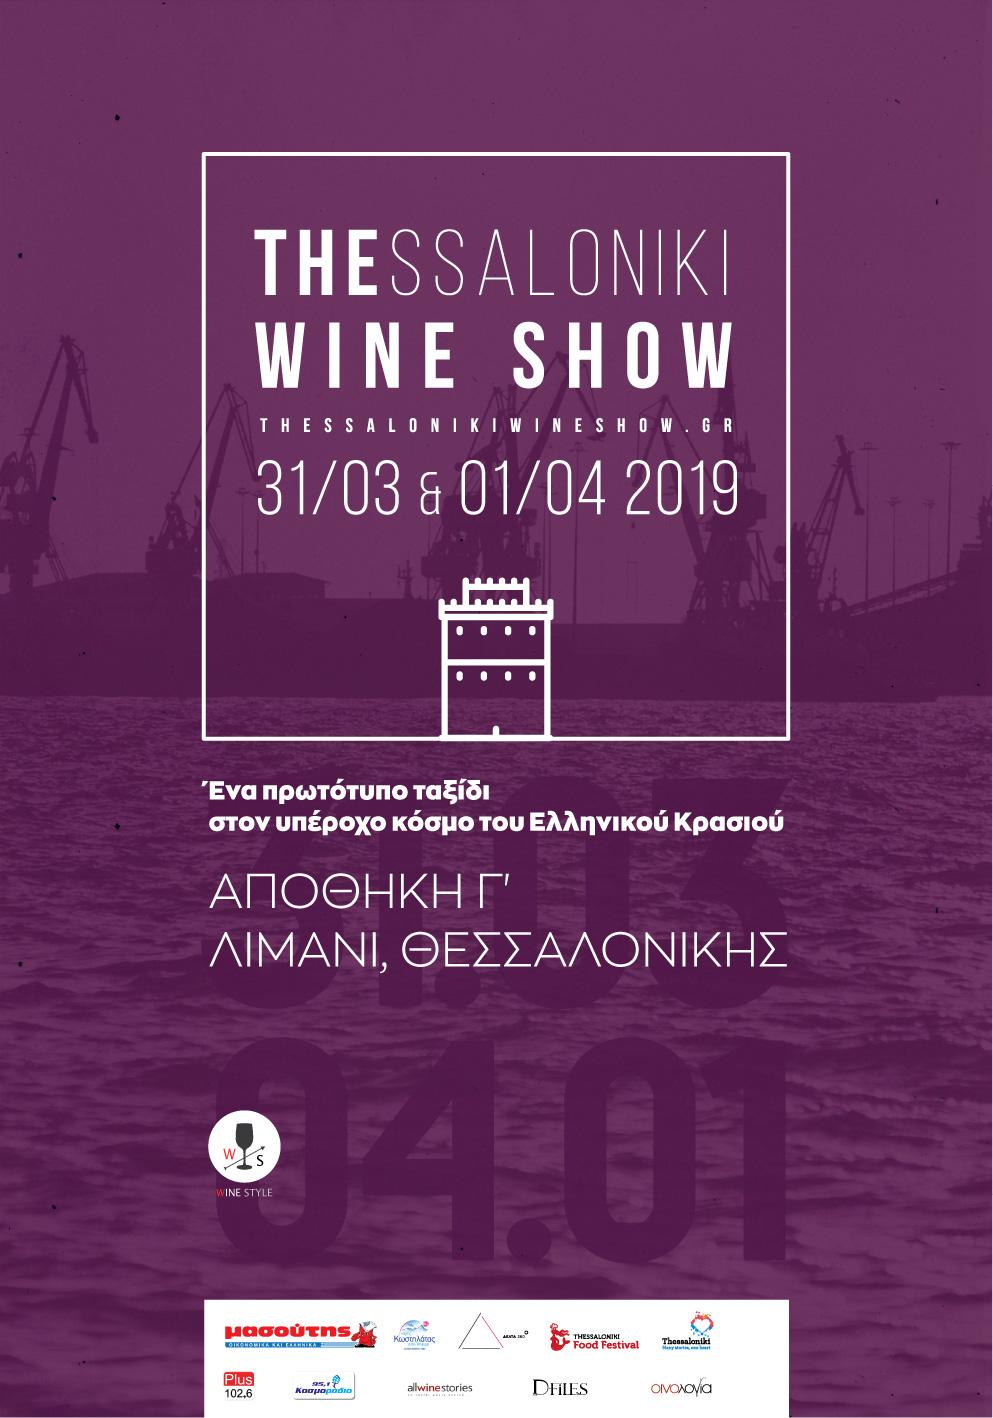 Thessaloniki Wine Show